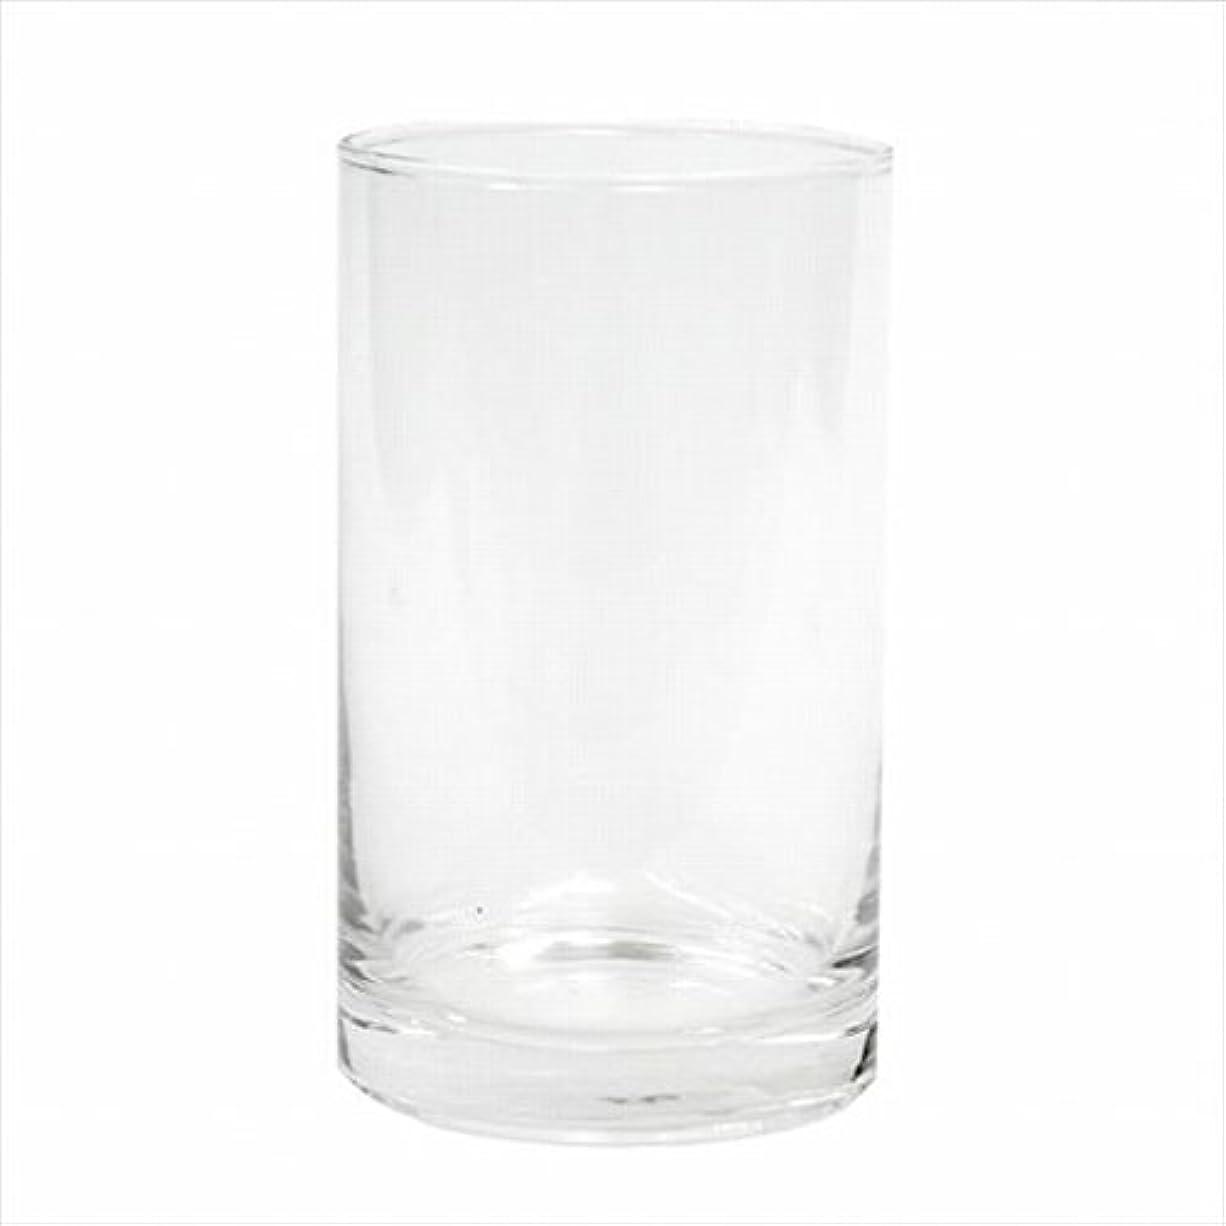 バレエ置換問い合わせカメヤマキャンドル(kameyama candle) モルカグラスS